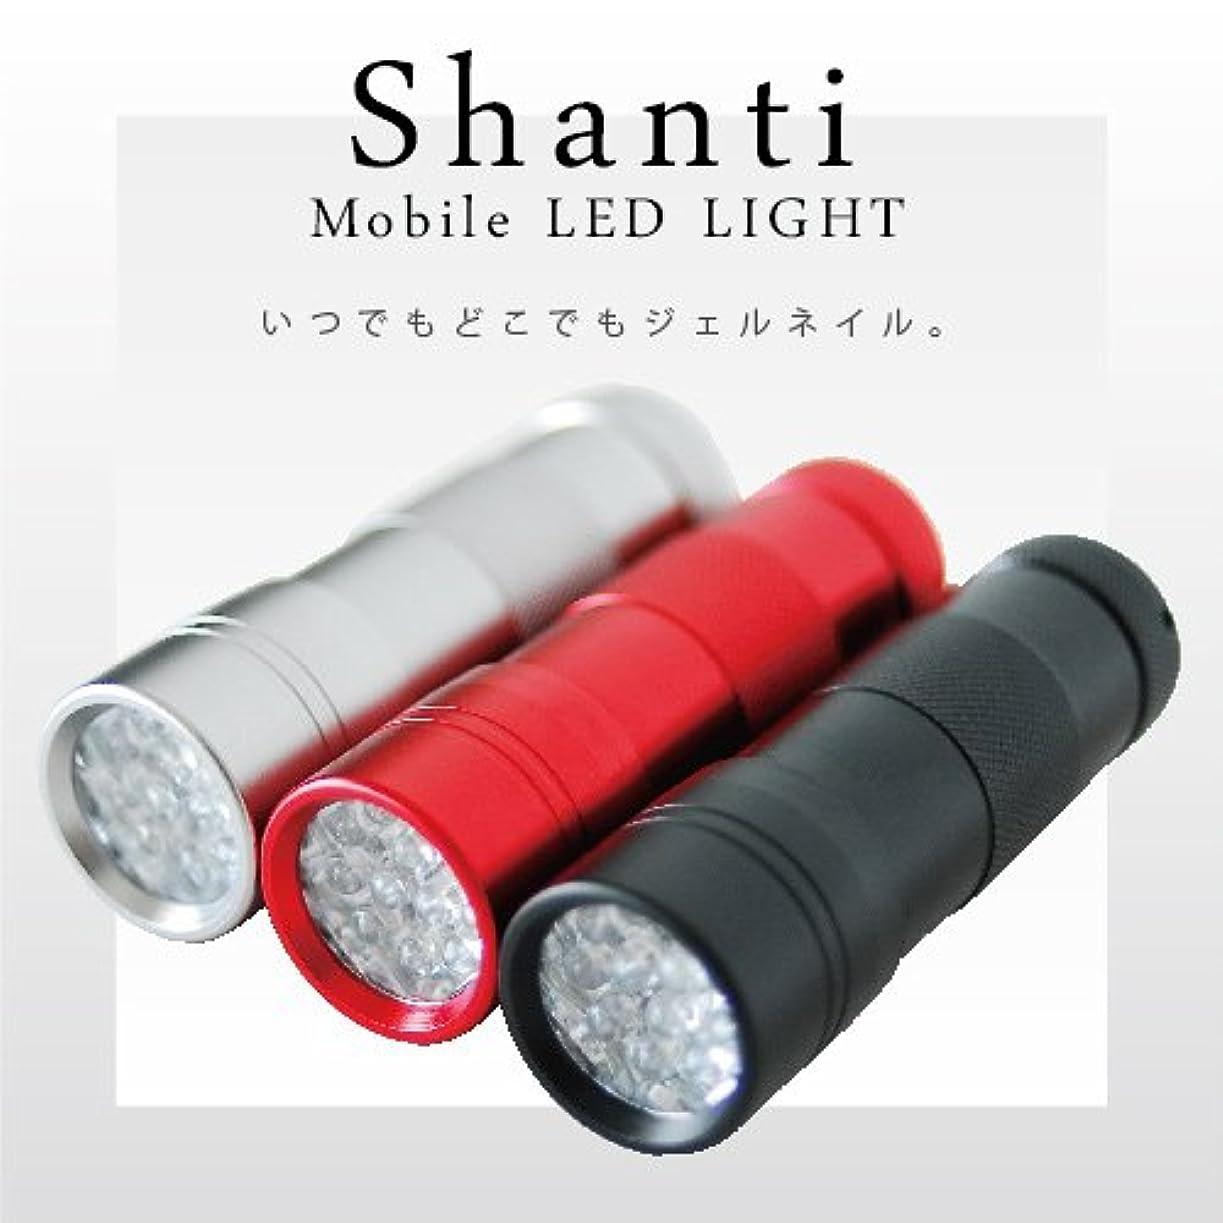 ぺディカブほのかお手入れジェルネイル用UVライト ペン型LEDライト Shanti Mobile LED ペン型ポータブルLEDライト カラー:シルバー  携帯用ハンドライト